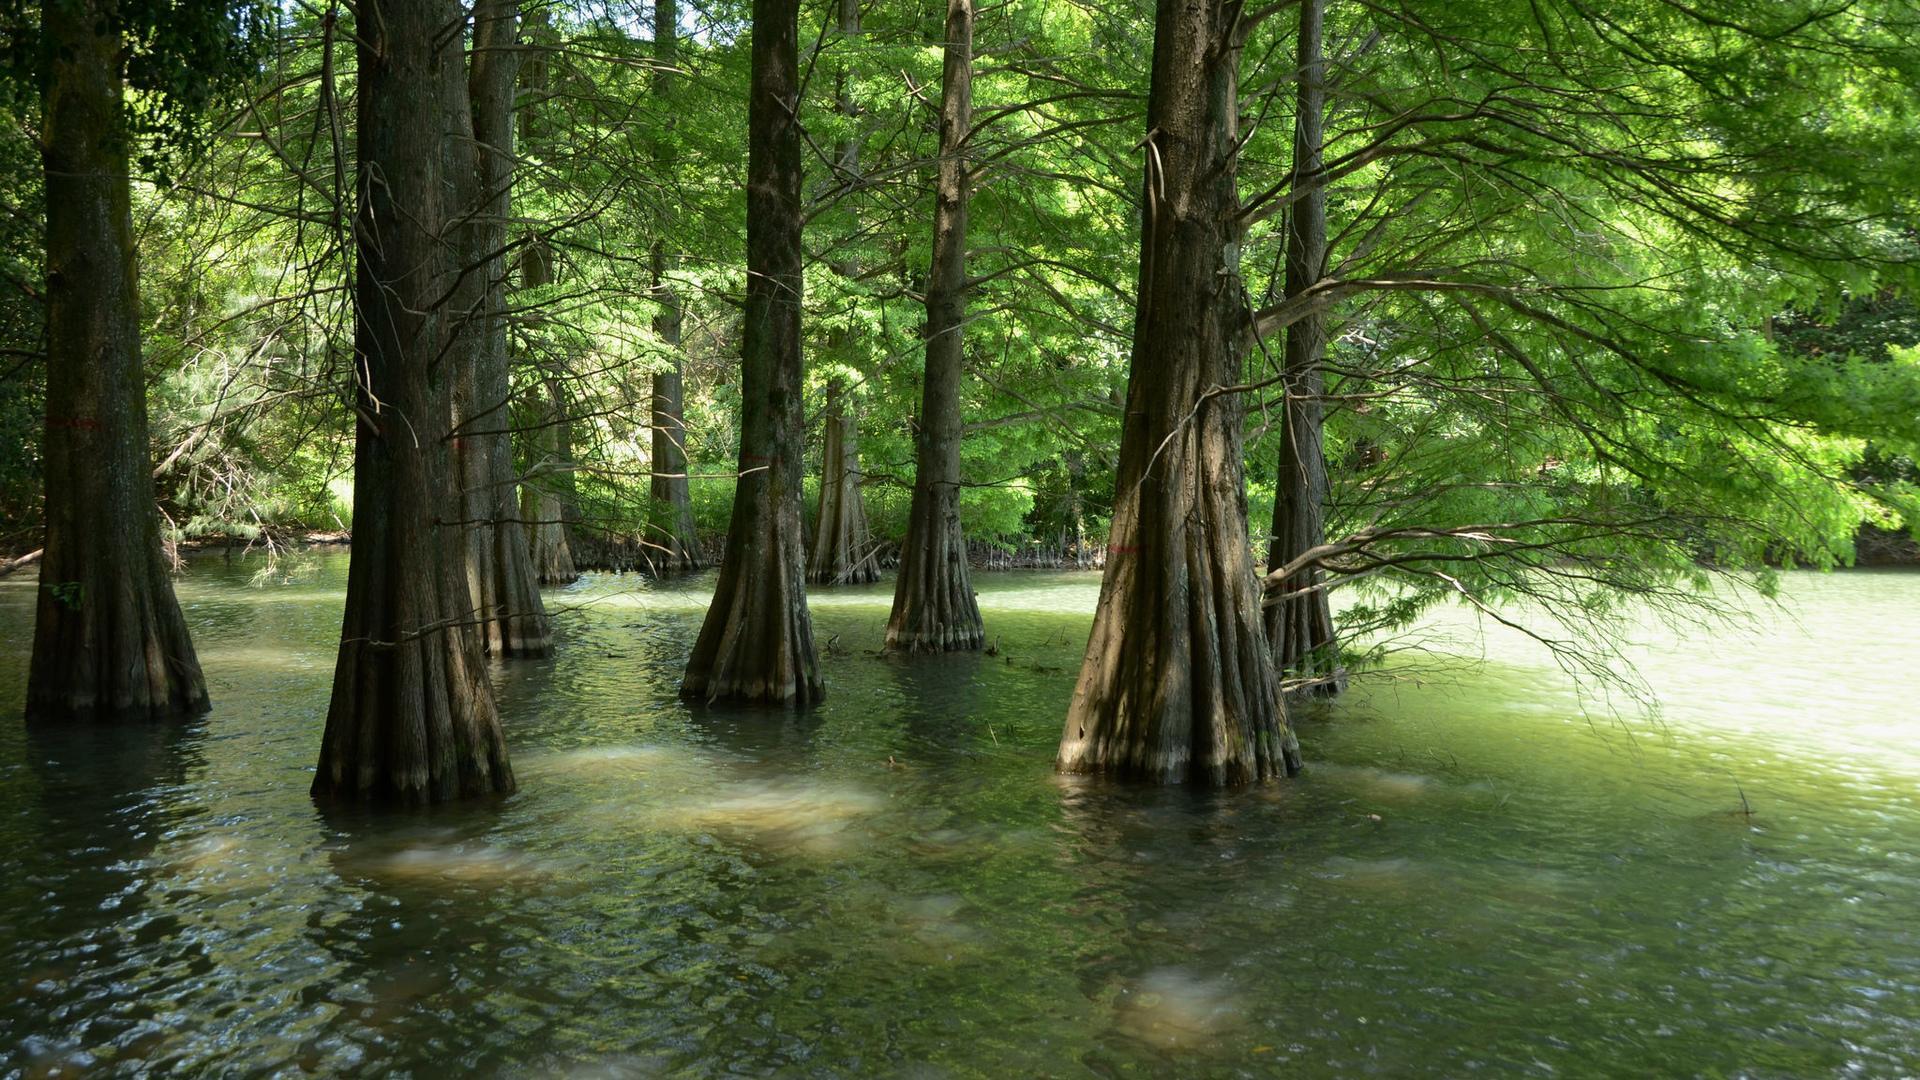 綠色自然風景圖片高清寬屏桌面壁紙